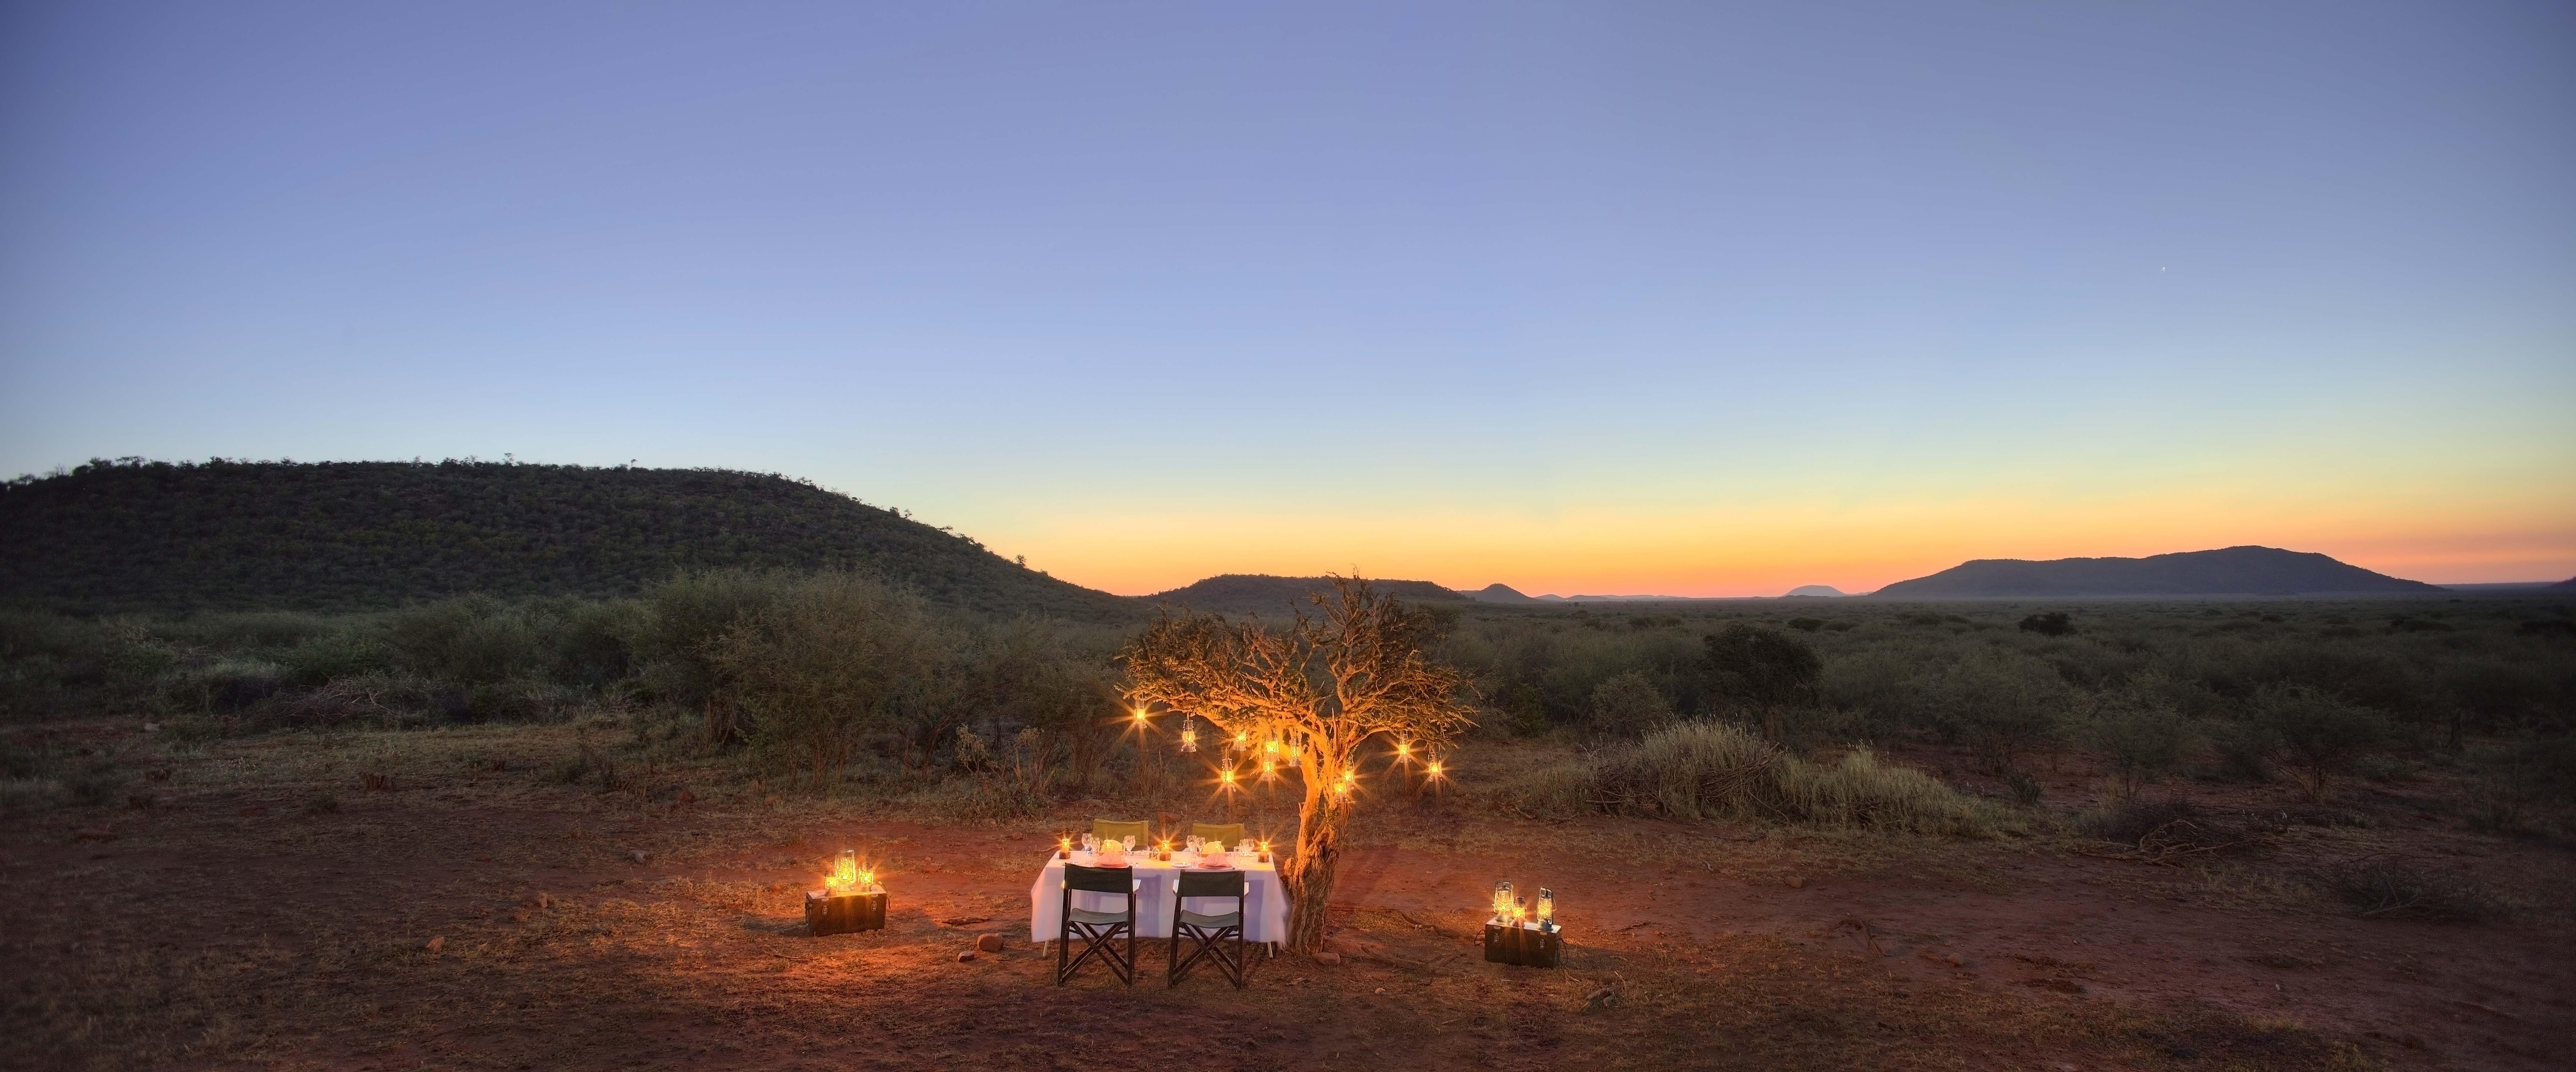 Intimate dinner on safari